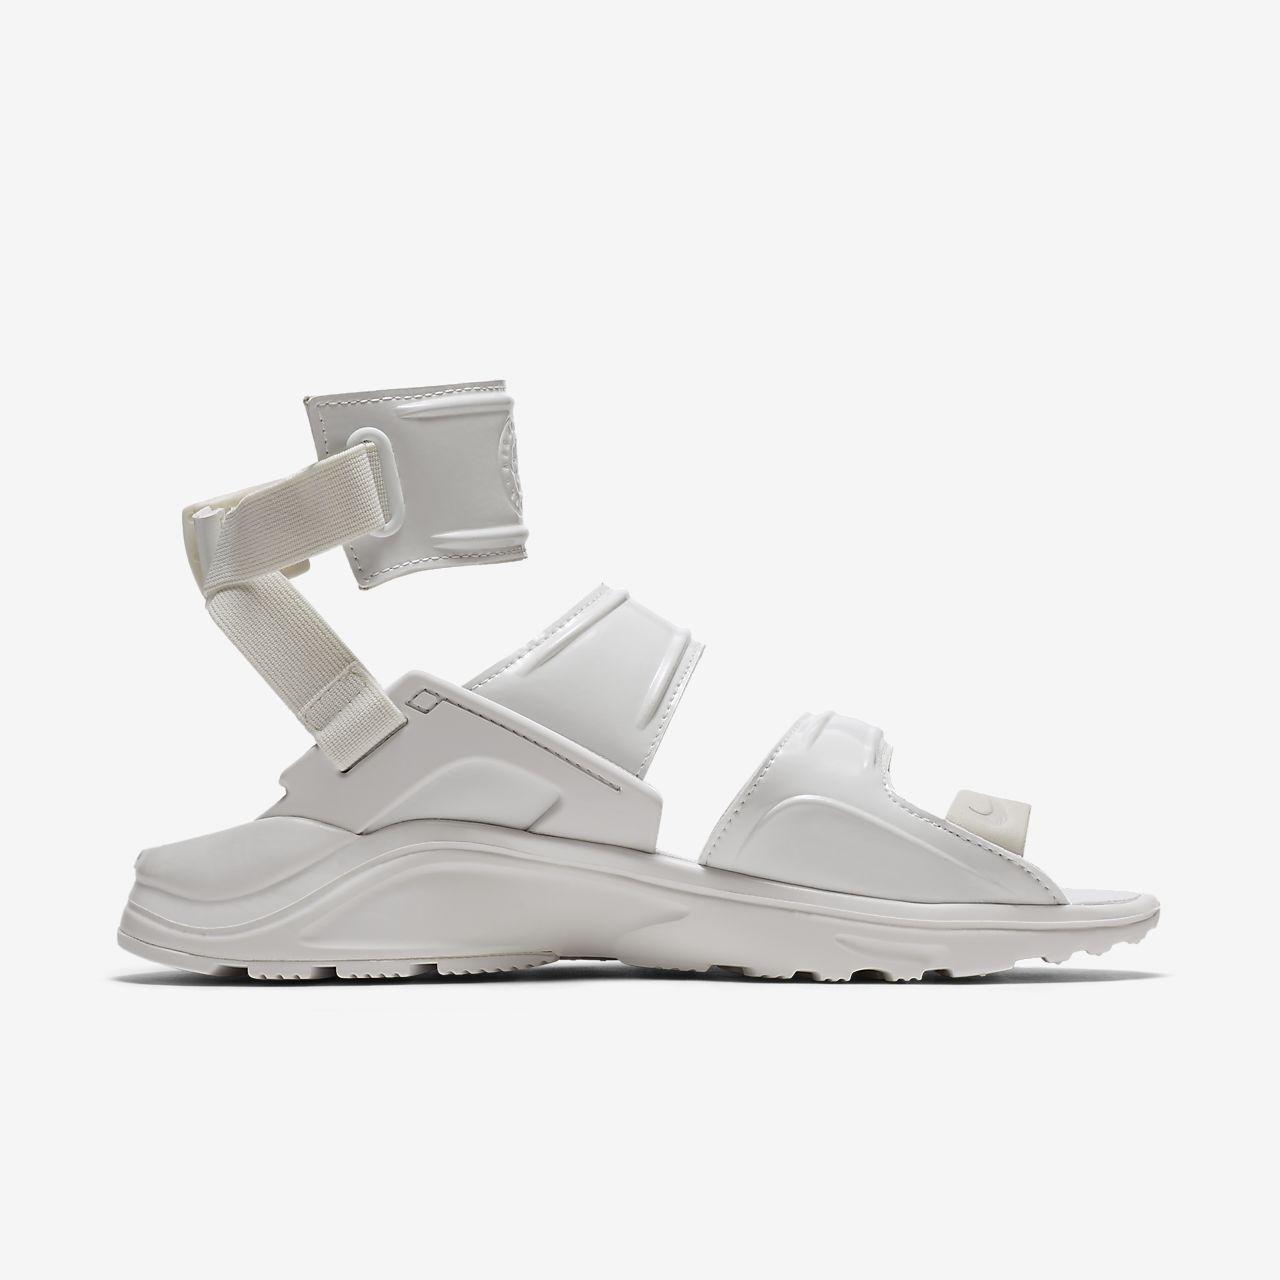 ... Nike Air Huarache Gladiator QS Women's Shoe